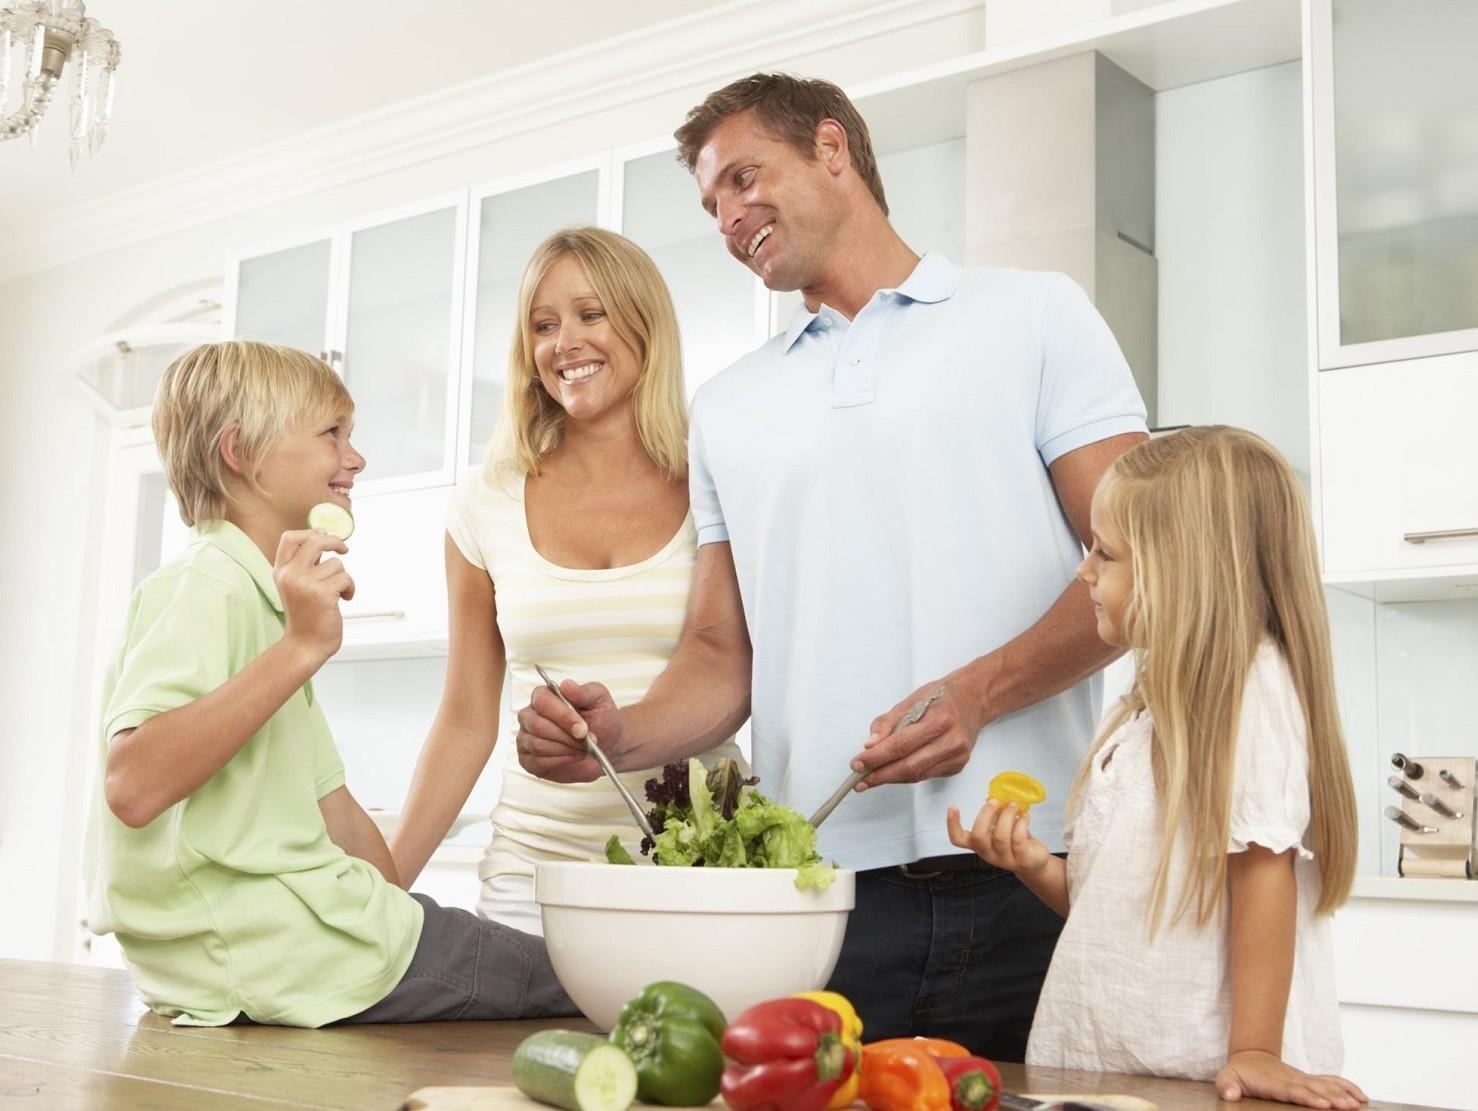 Contratto comodato d'uso gratuito casa al figlio 2019-2020 registrazione, durata, costi